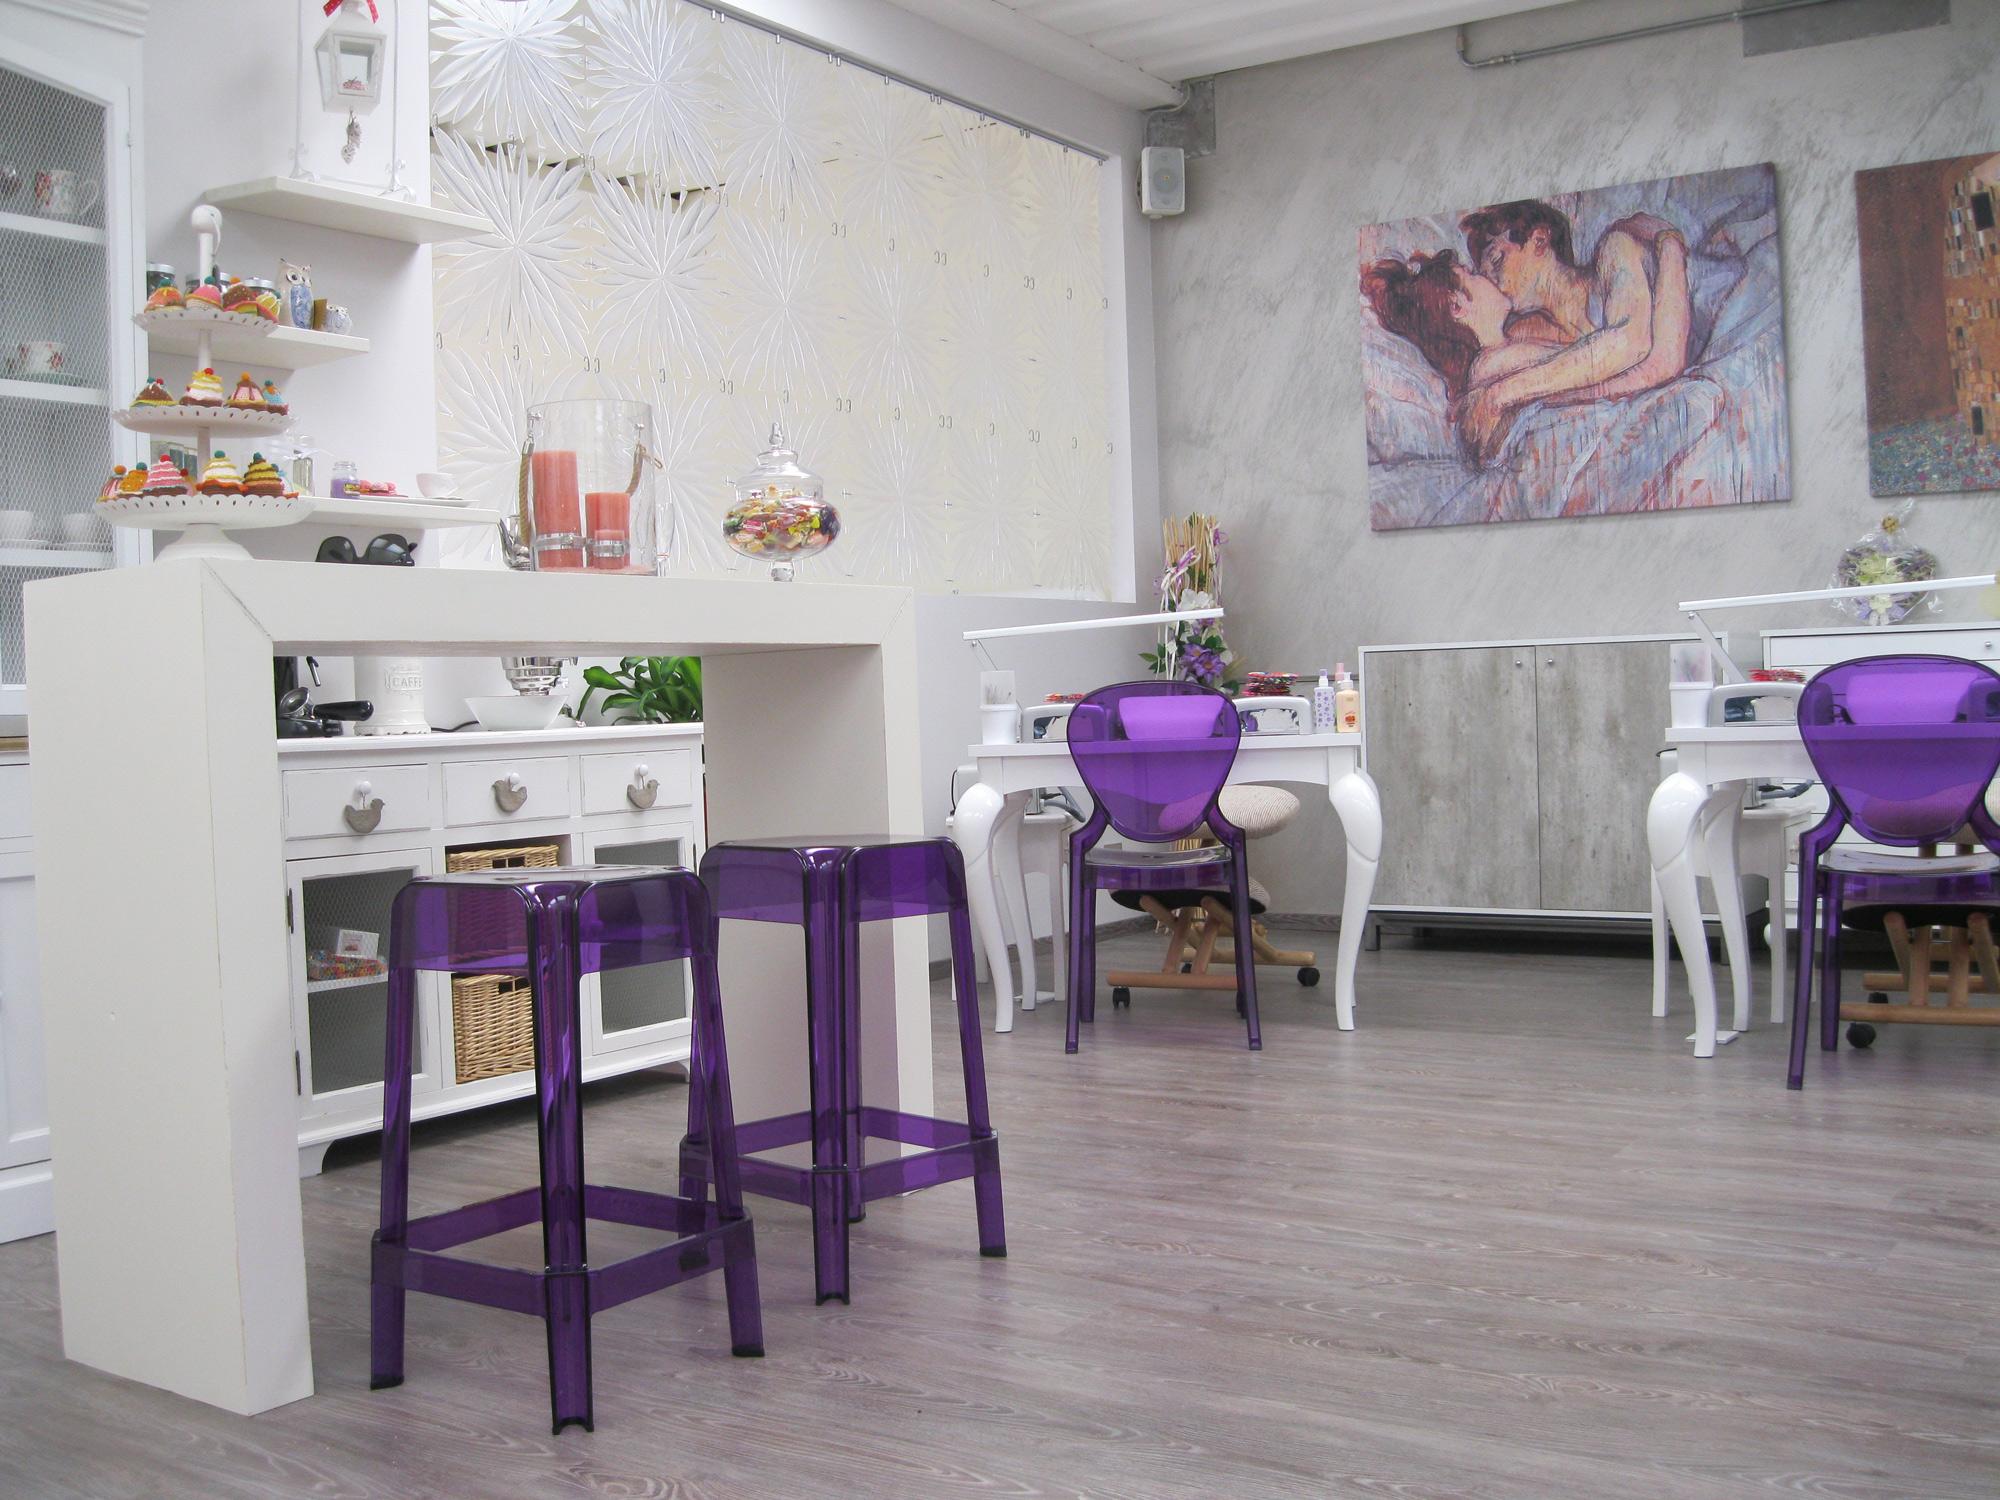 Arredamento centri estetici e benessere toscana belardi for Arredamento centri estetici